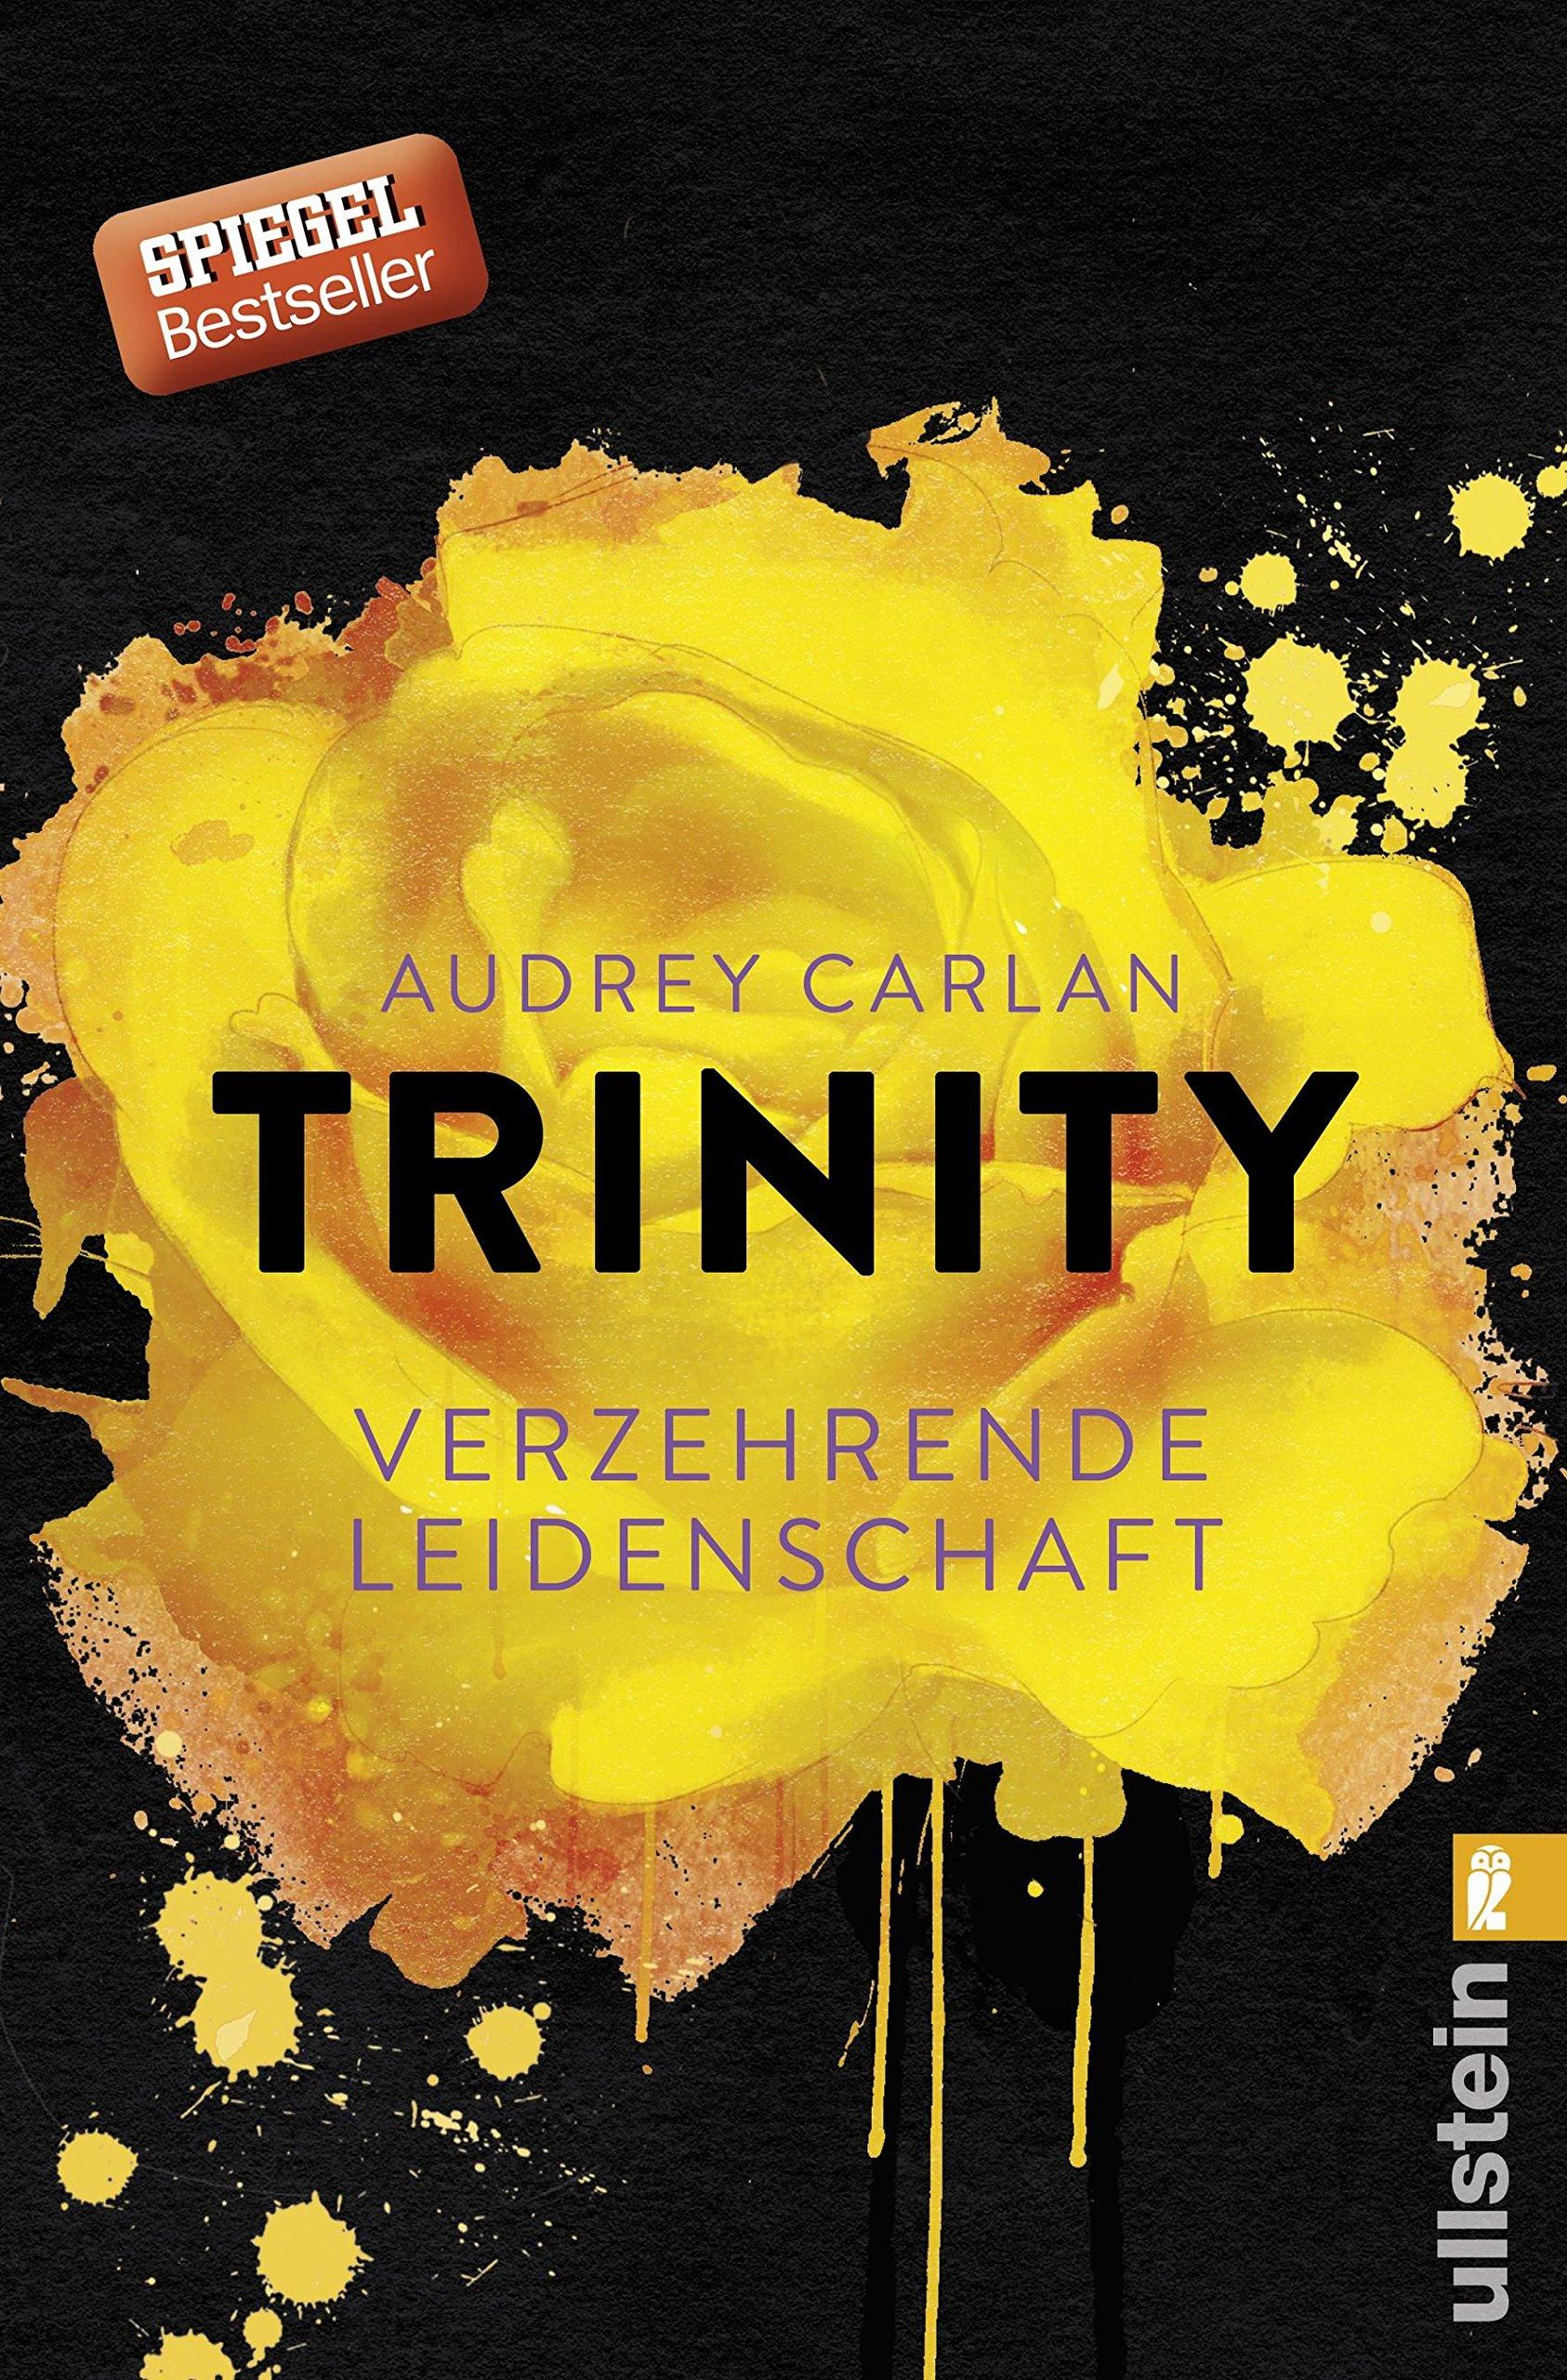 Trinity - Verzehrende Leidenschaft (Die Trinity-Serie, Band 1) Broschiert – 2. Januar 2017 Audrey Carlan Christiane Sipeer Ullstein Taschenbuch 3548289347